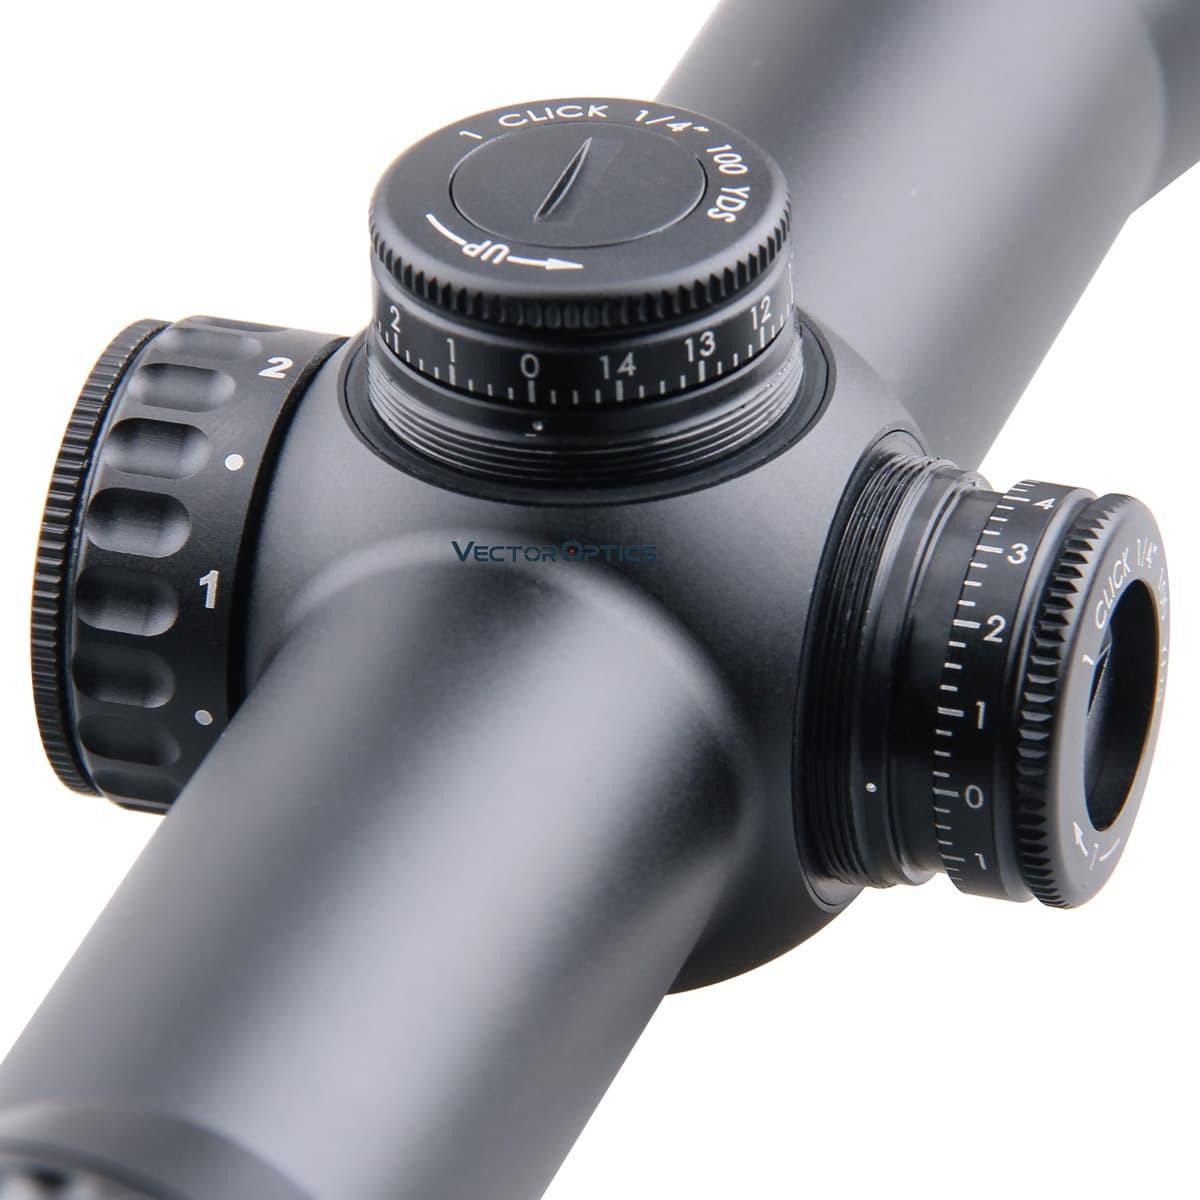 Vector Optics Continental 1.5-9x42 SCOM-23